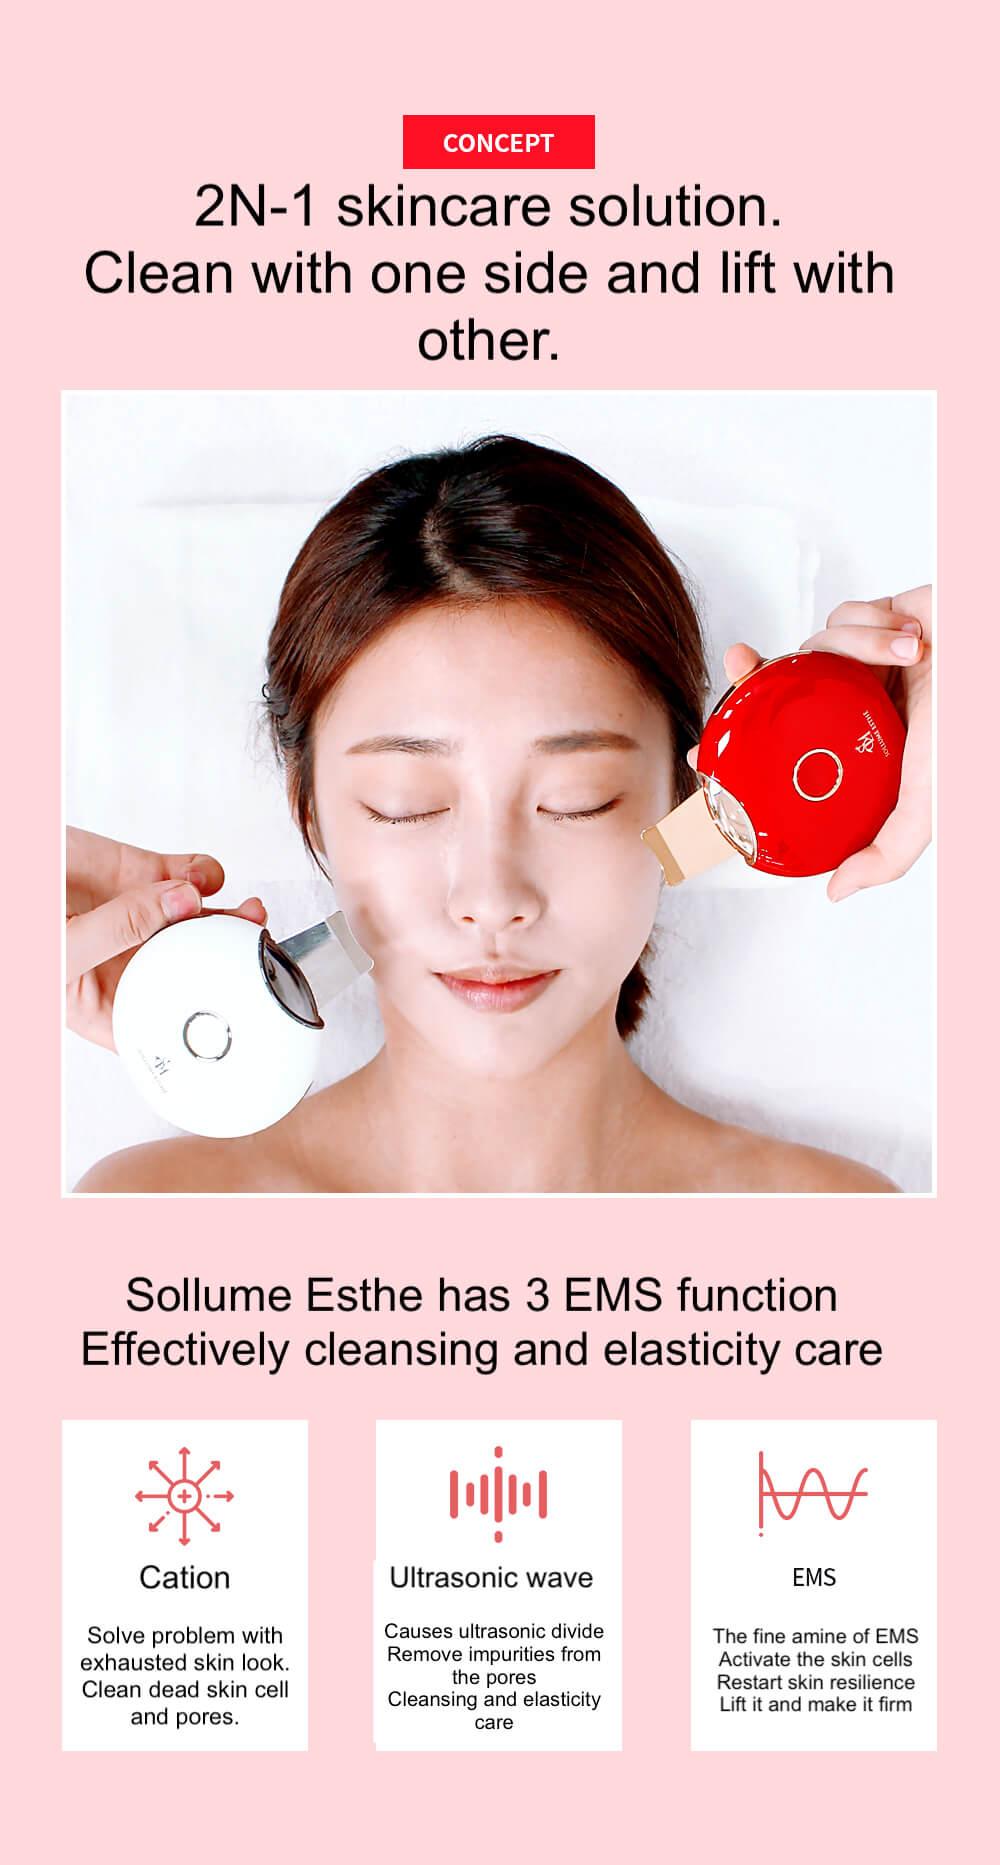 Sollume Esthe Ultrasonic Face Spatula 24K golden blade 3